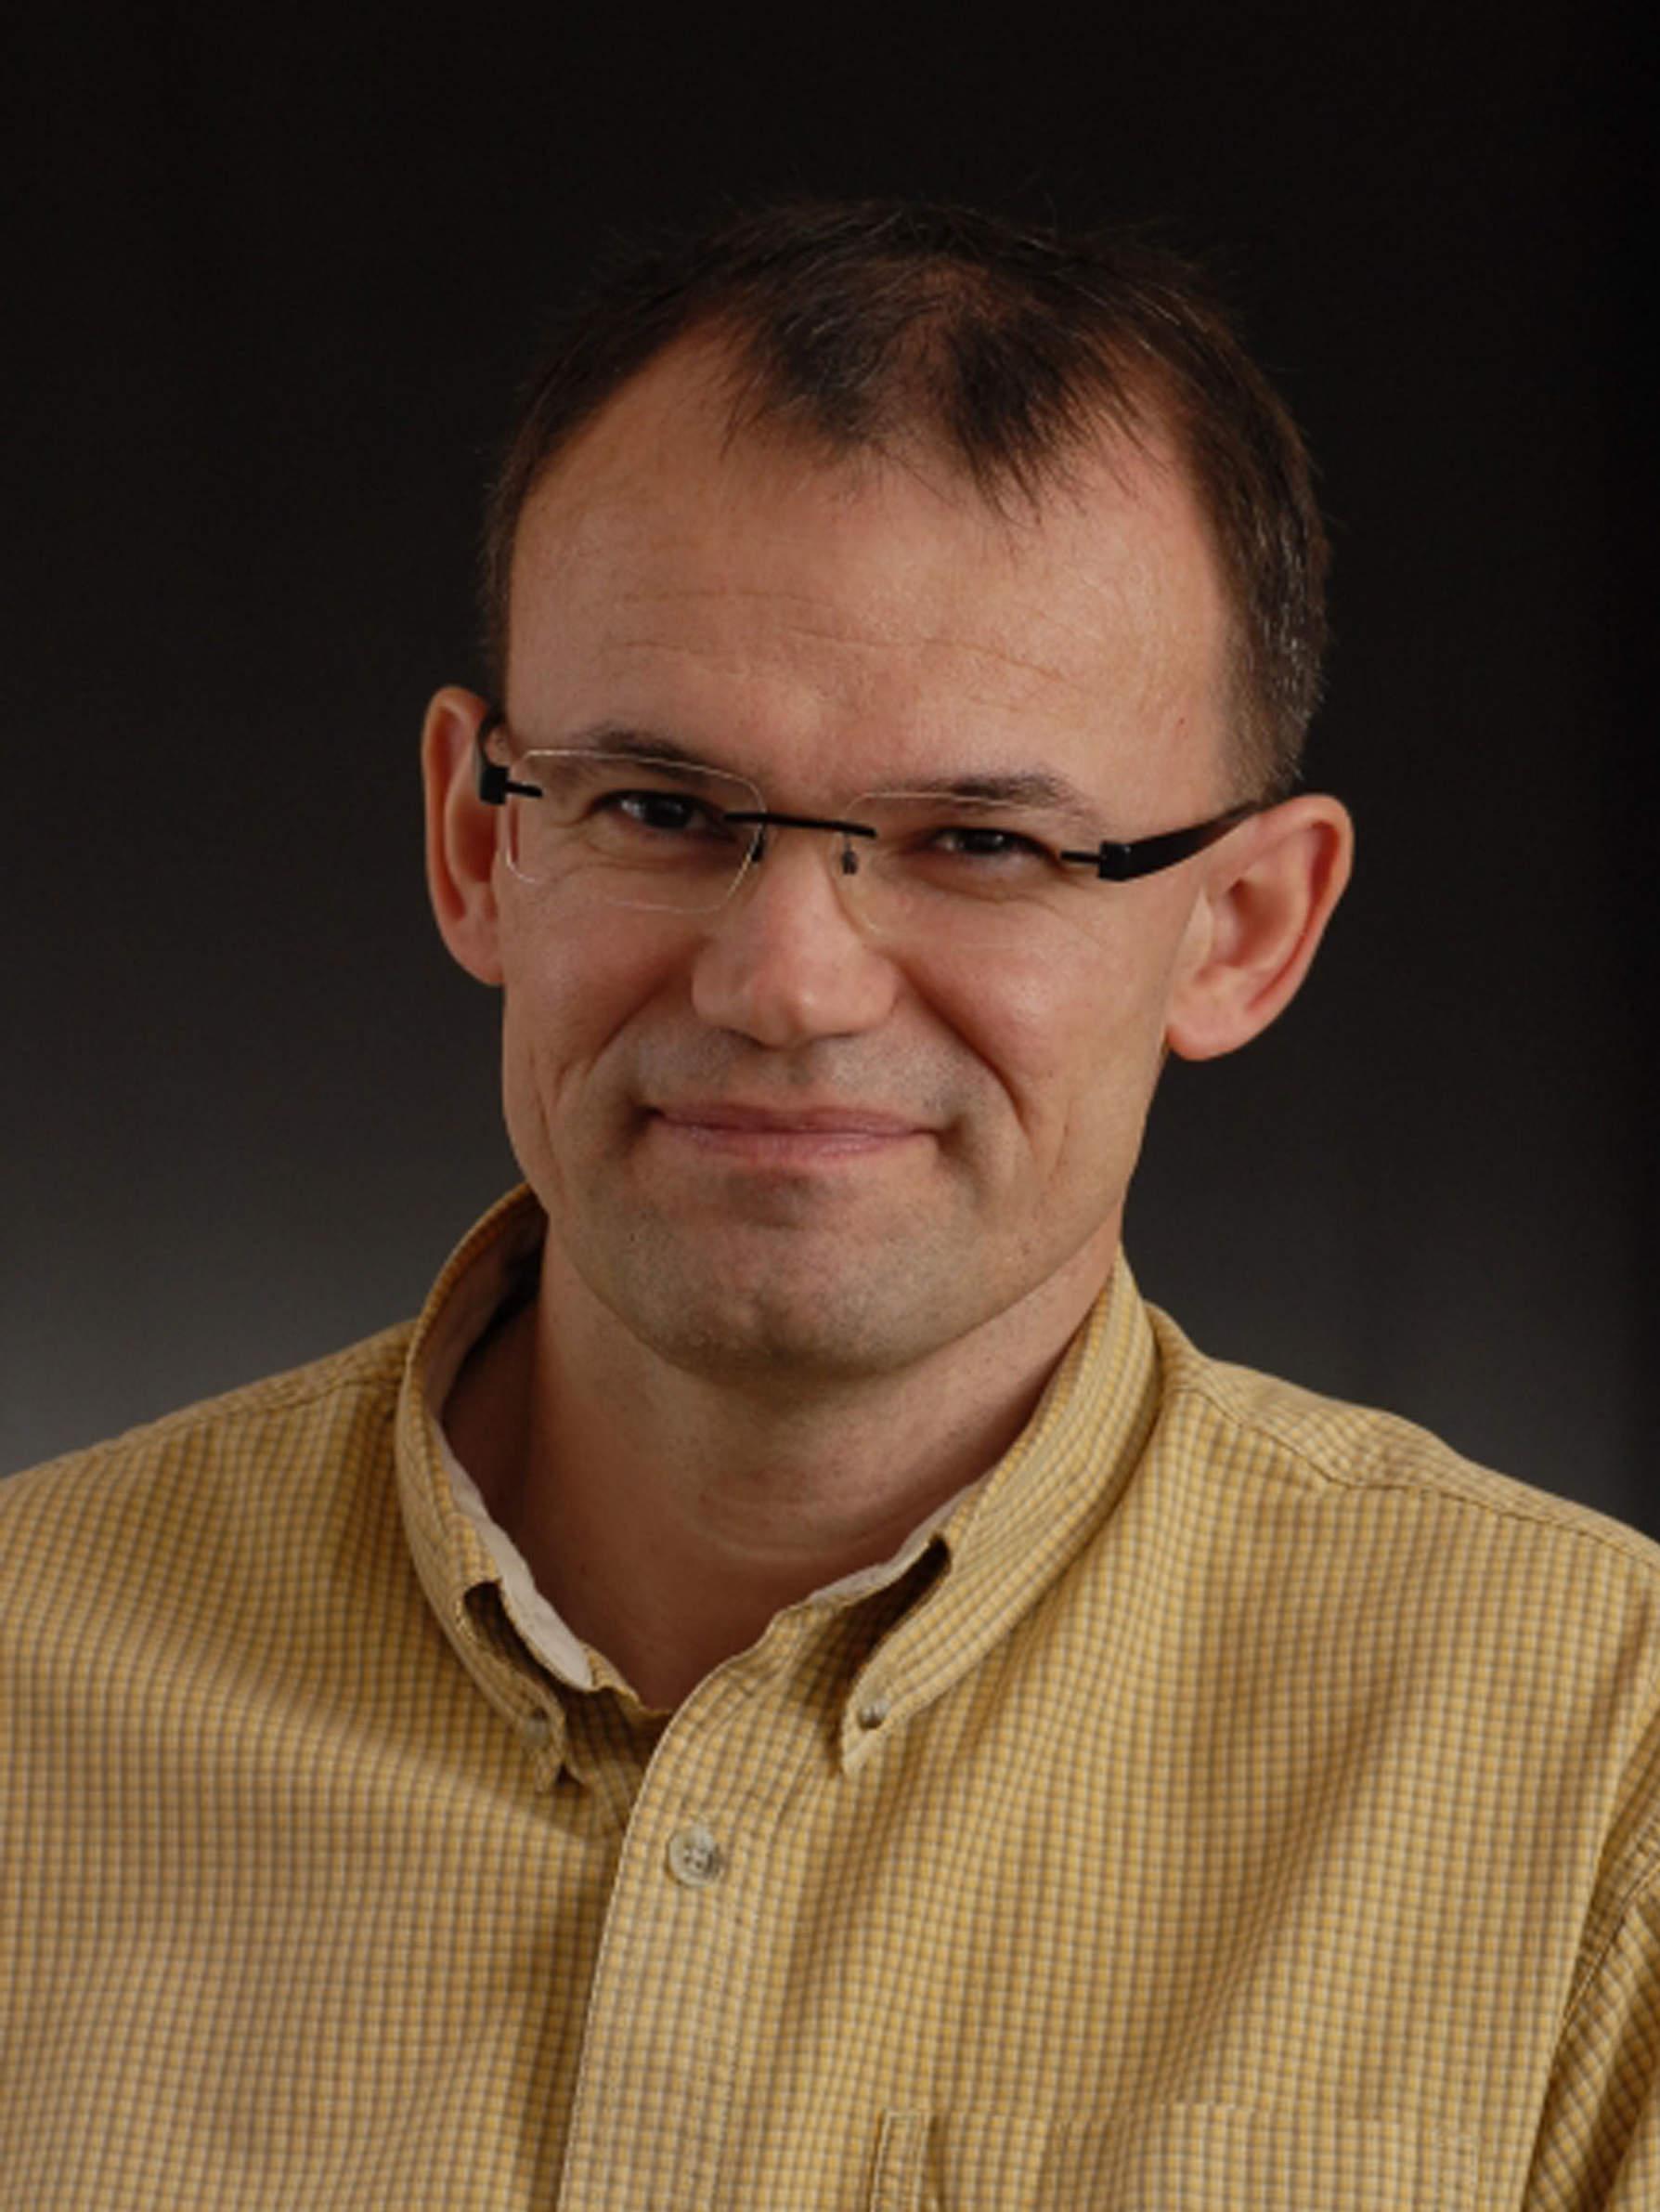 Axon Növekedés és Regeneráció Kutatócsoport - Mihály József - portré